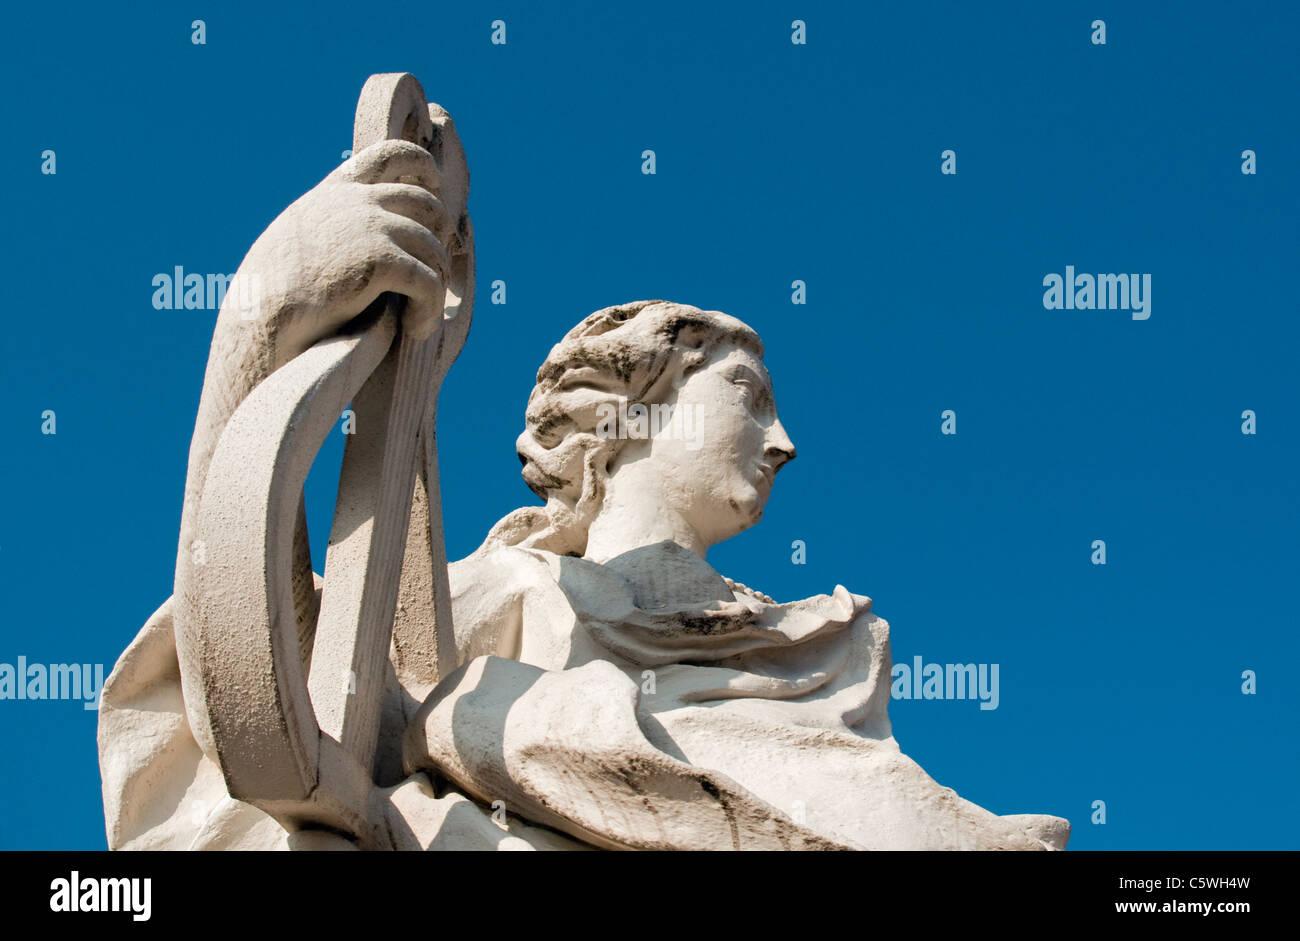 Baroque Sculpture of Lyre Player in Belvedere Palace Gardens (Belvederegarten), Vienna (Wien), Austria - Stock Image